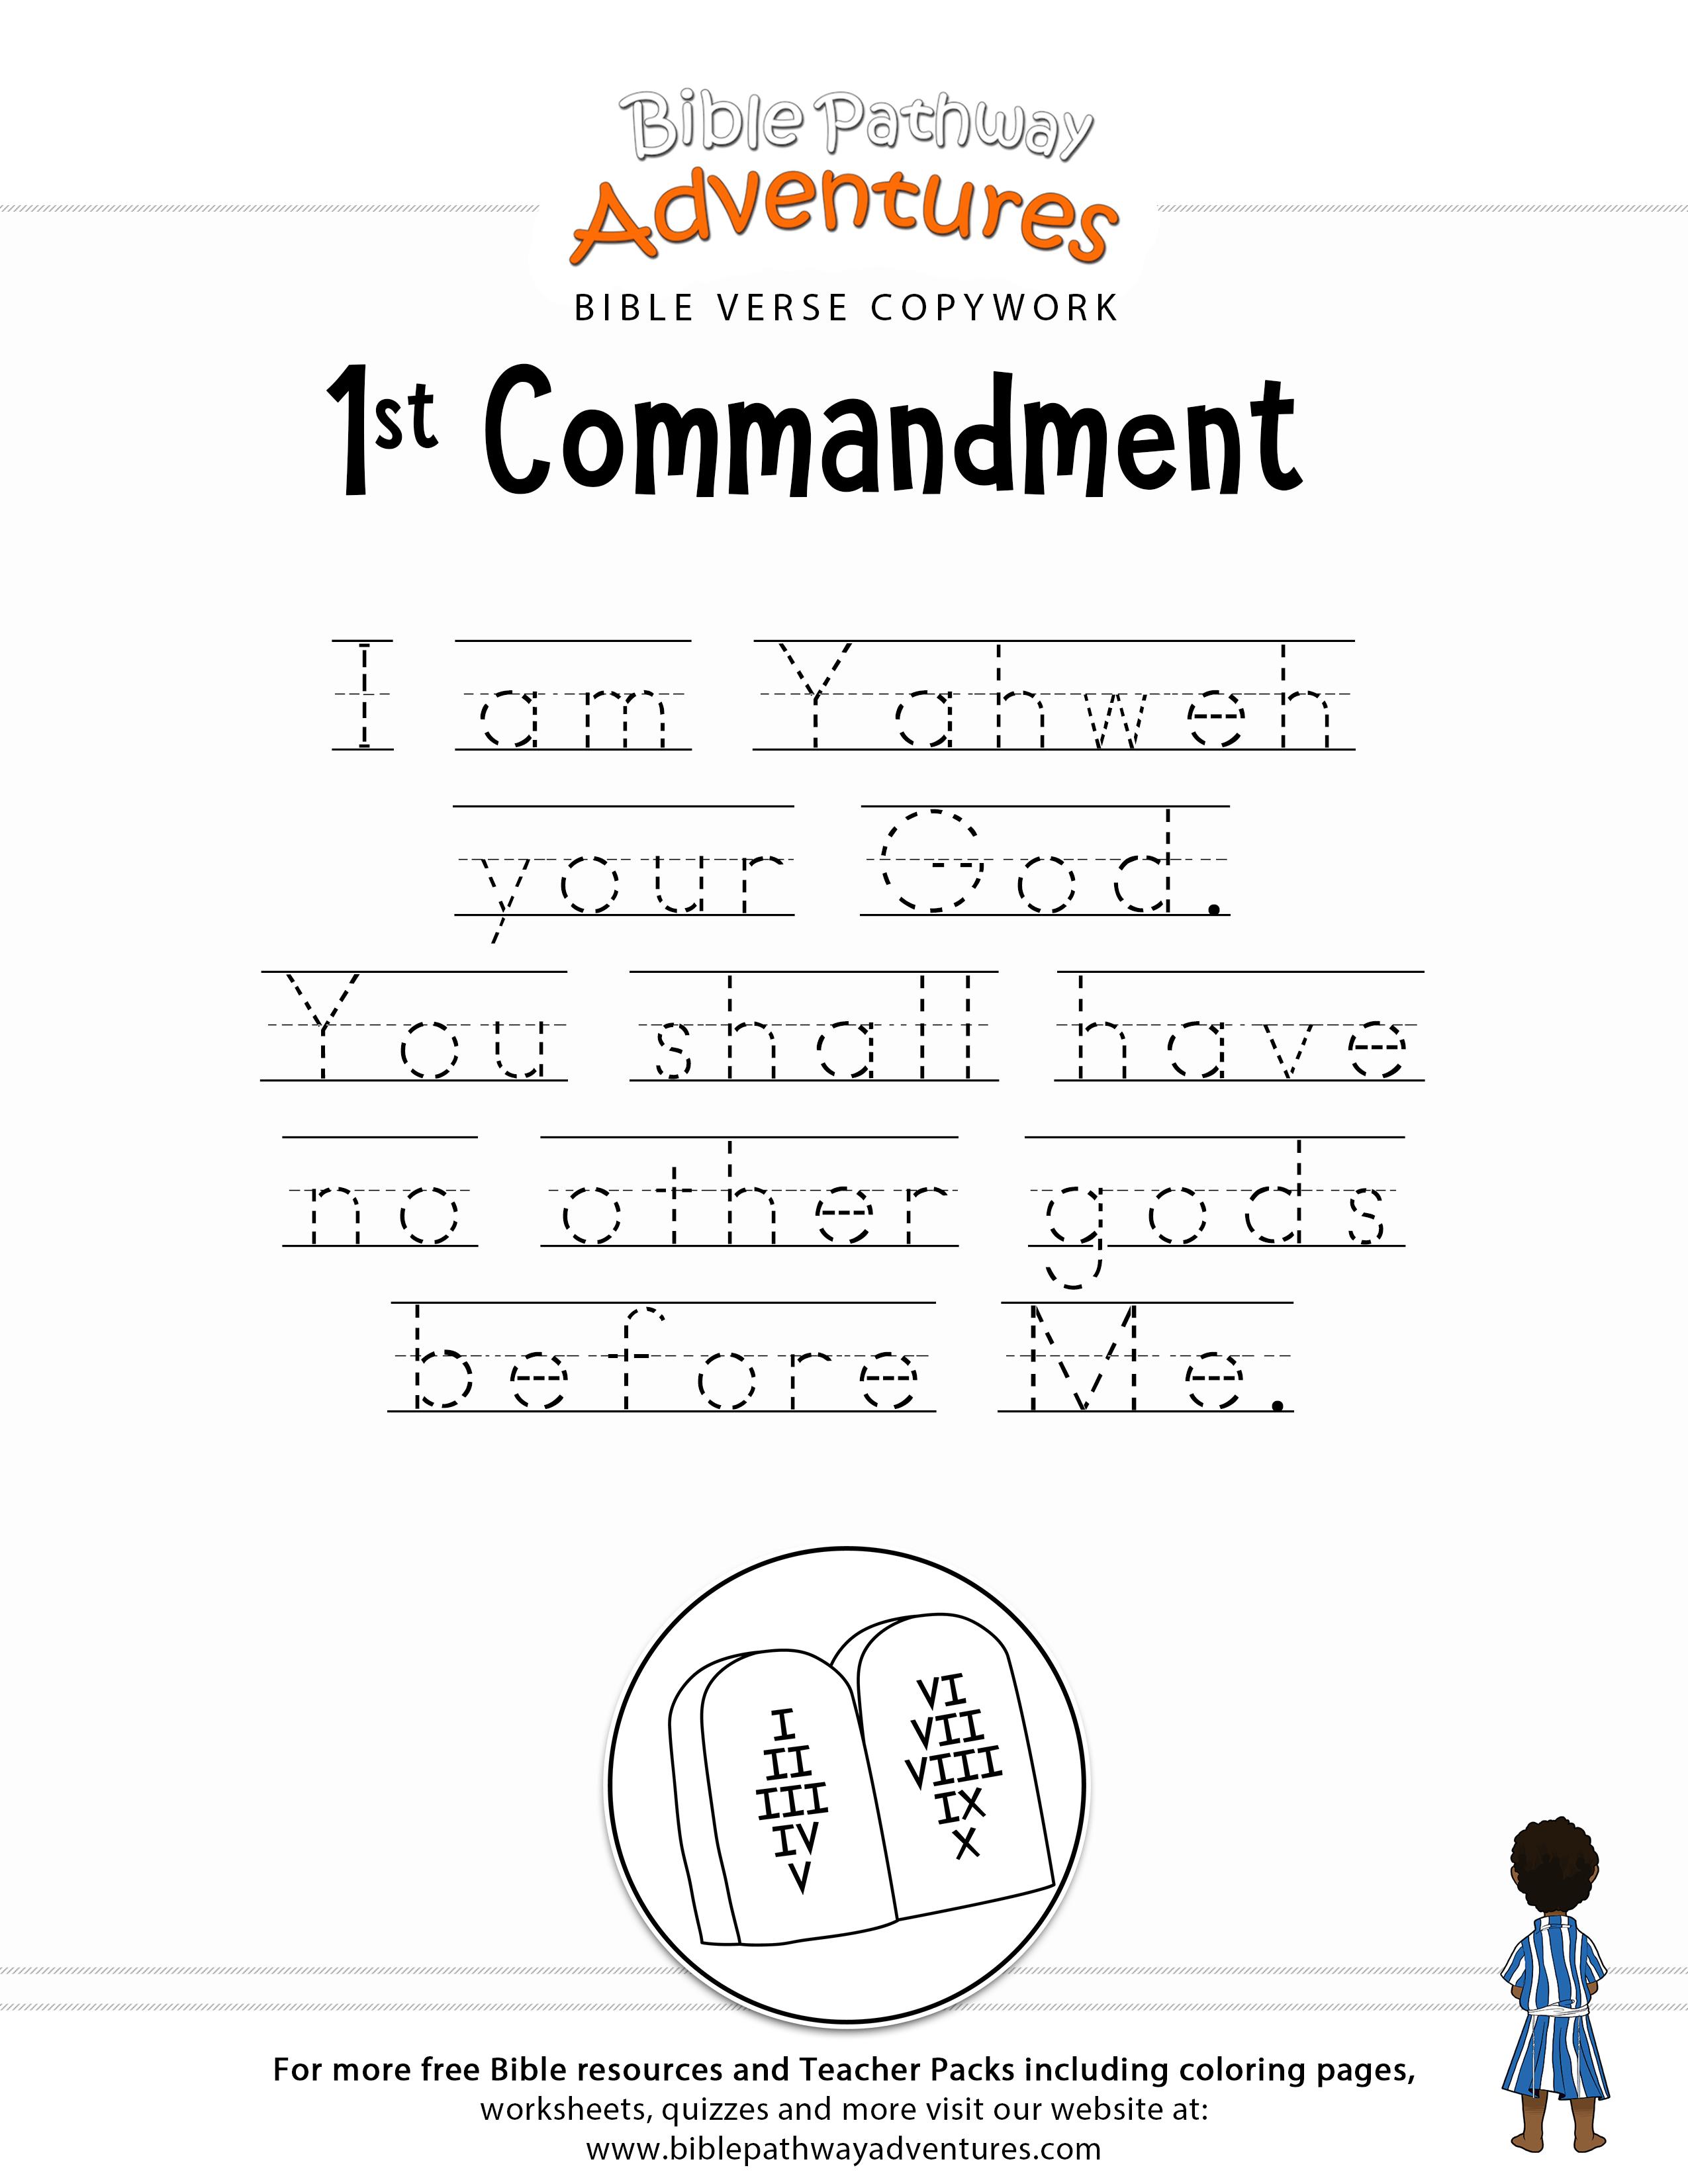 Ten Commandments Copywork 1st Commandment